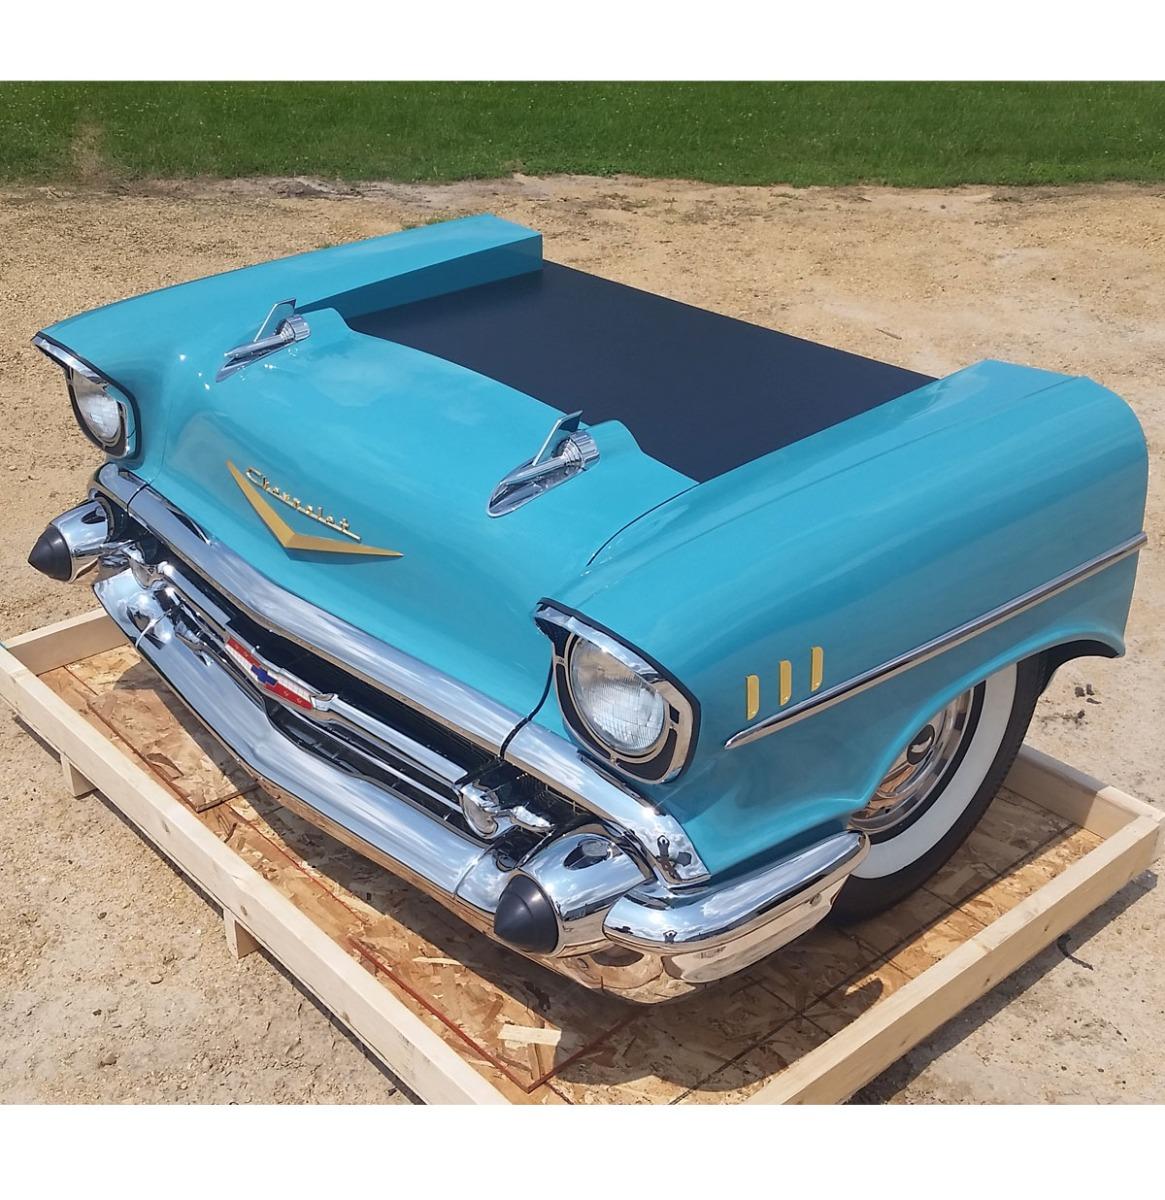 1957 Chevrolet Bel-Air Bureau Turquoise - Gemaakt Van Een Echte Auto